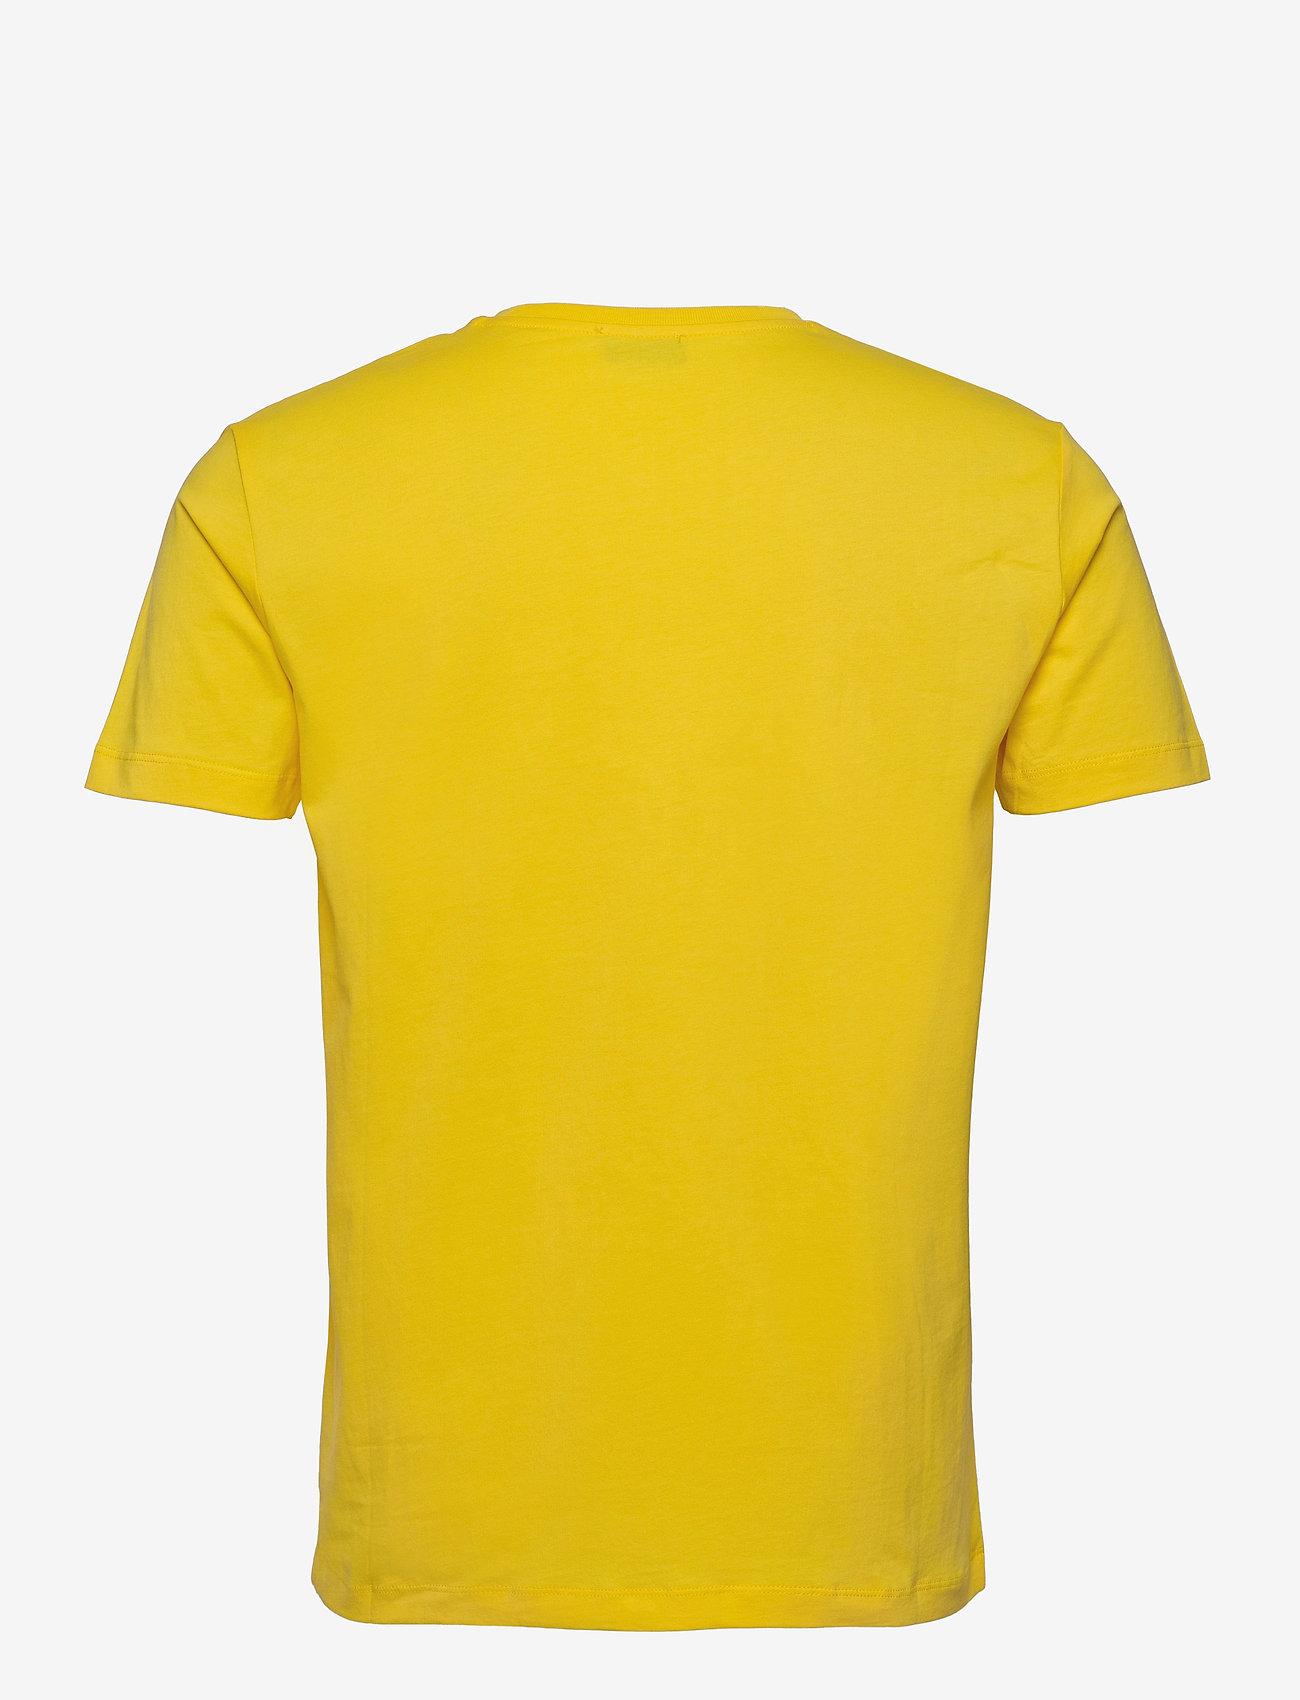 Diesel Men - UMLT-JAKE T-SHIRT - short-sleeved t-shirts - dandelion - 1